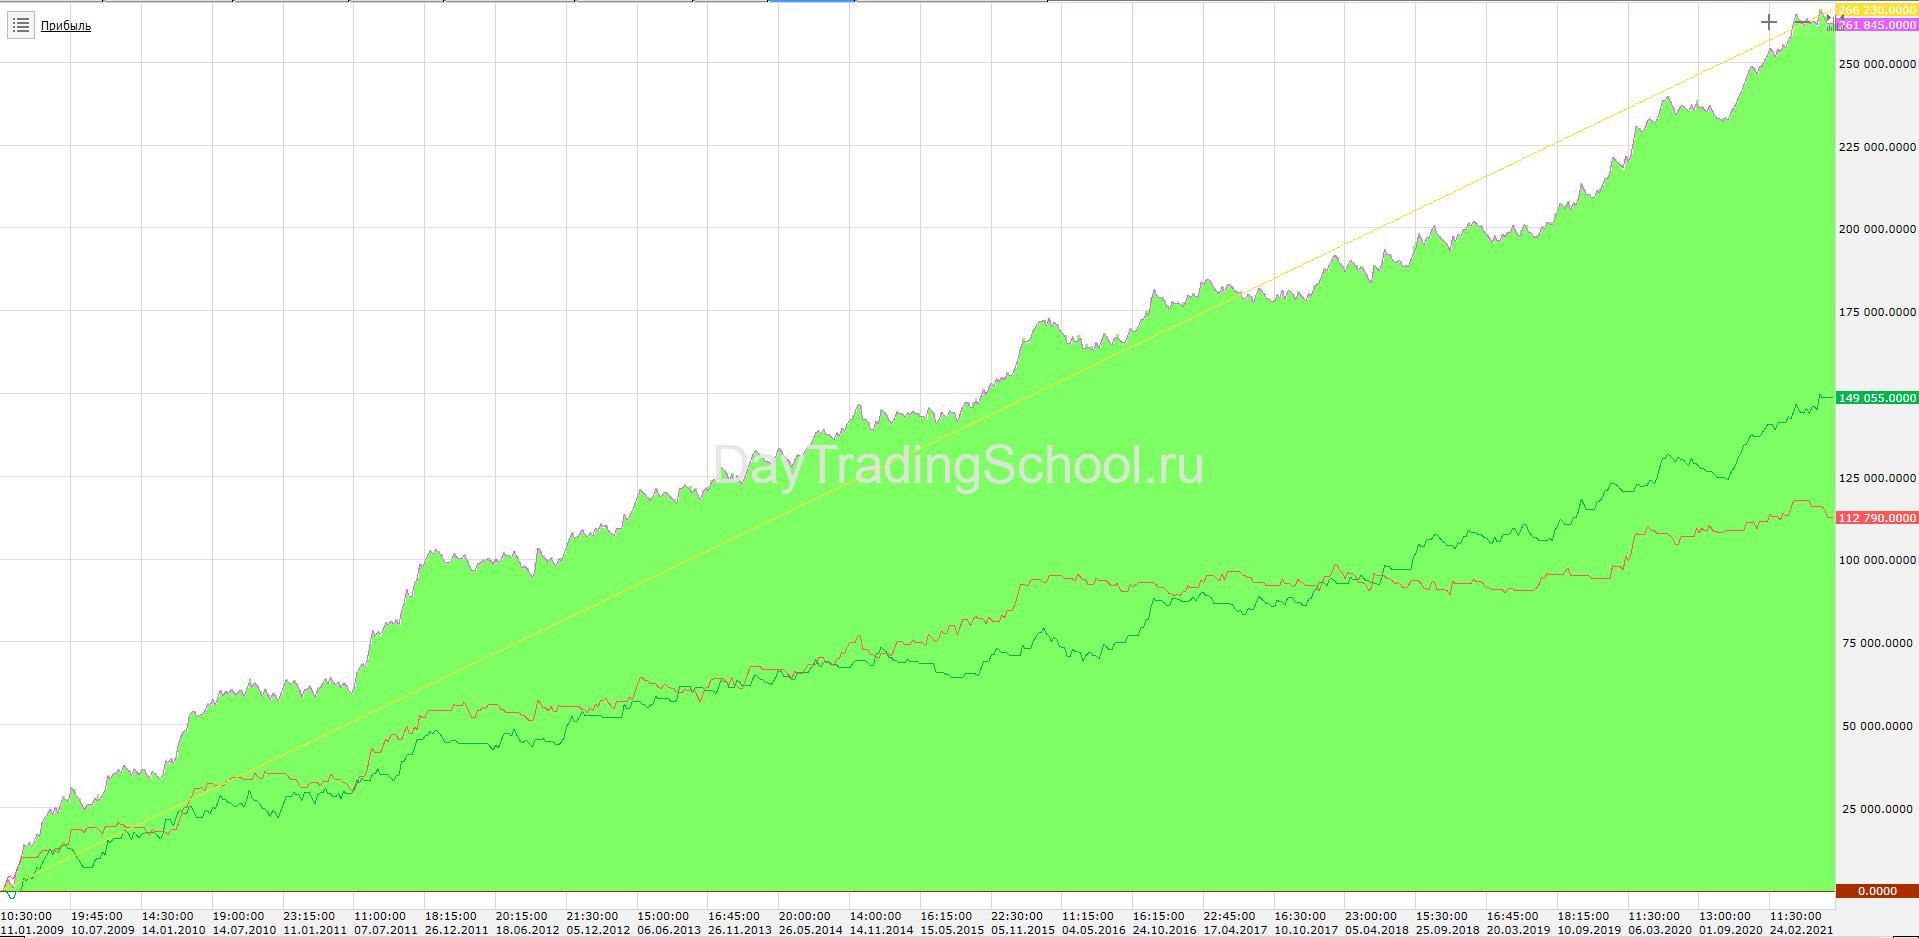 Стратегия-Mamba-trend-график-дохода-РТС